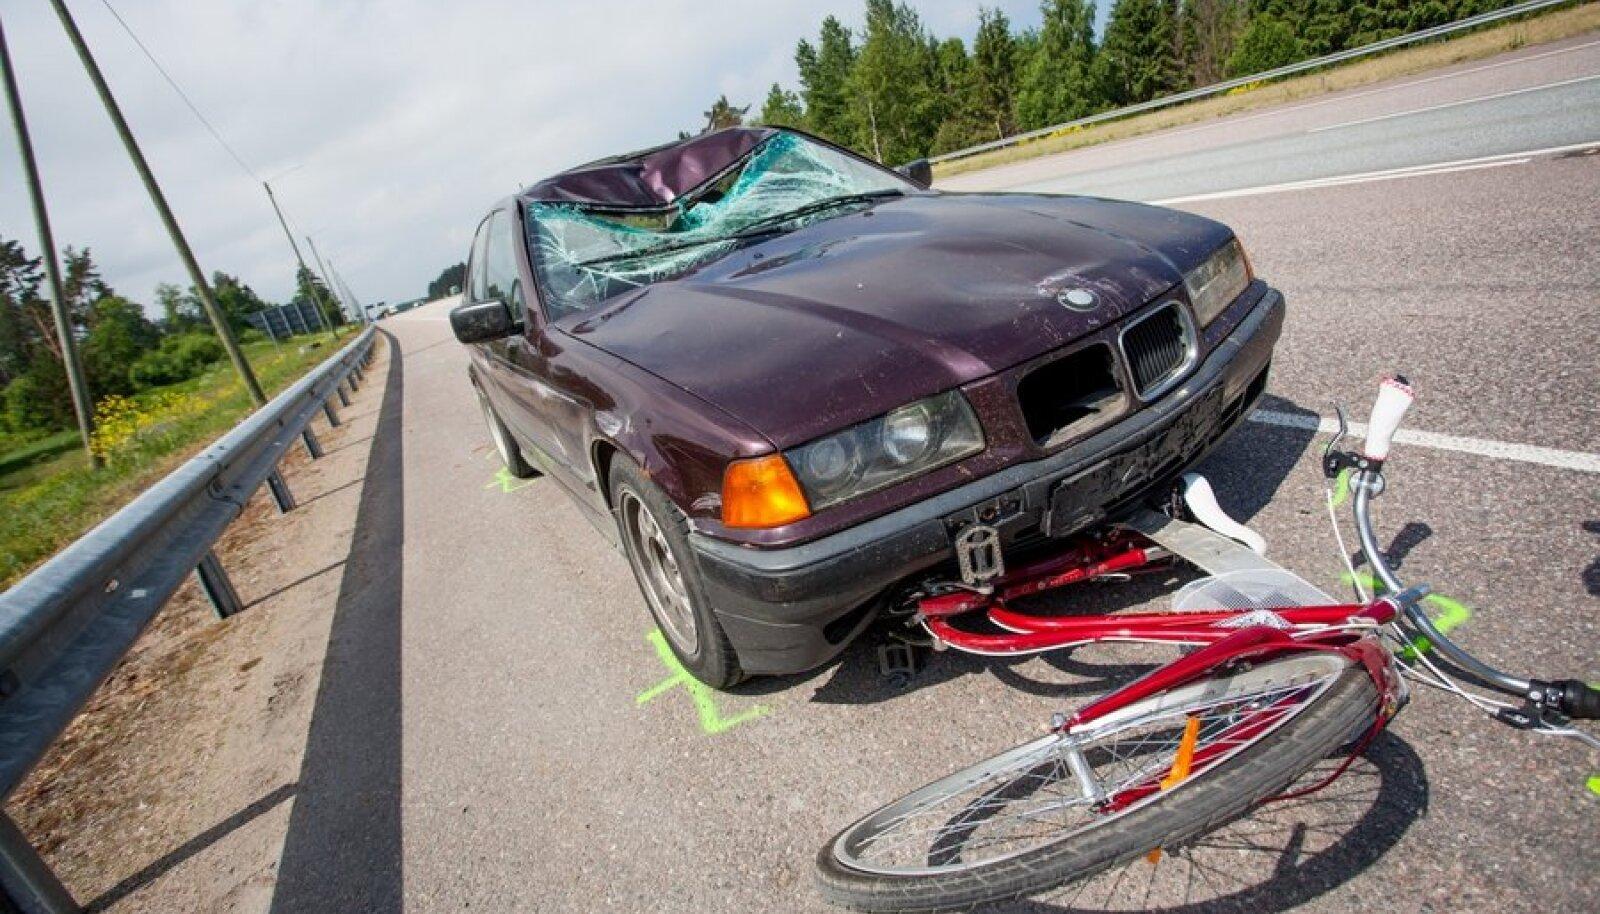 Liiklusõnnetus ratturiga Peterburi maanteel